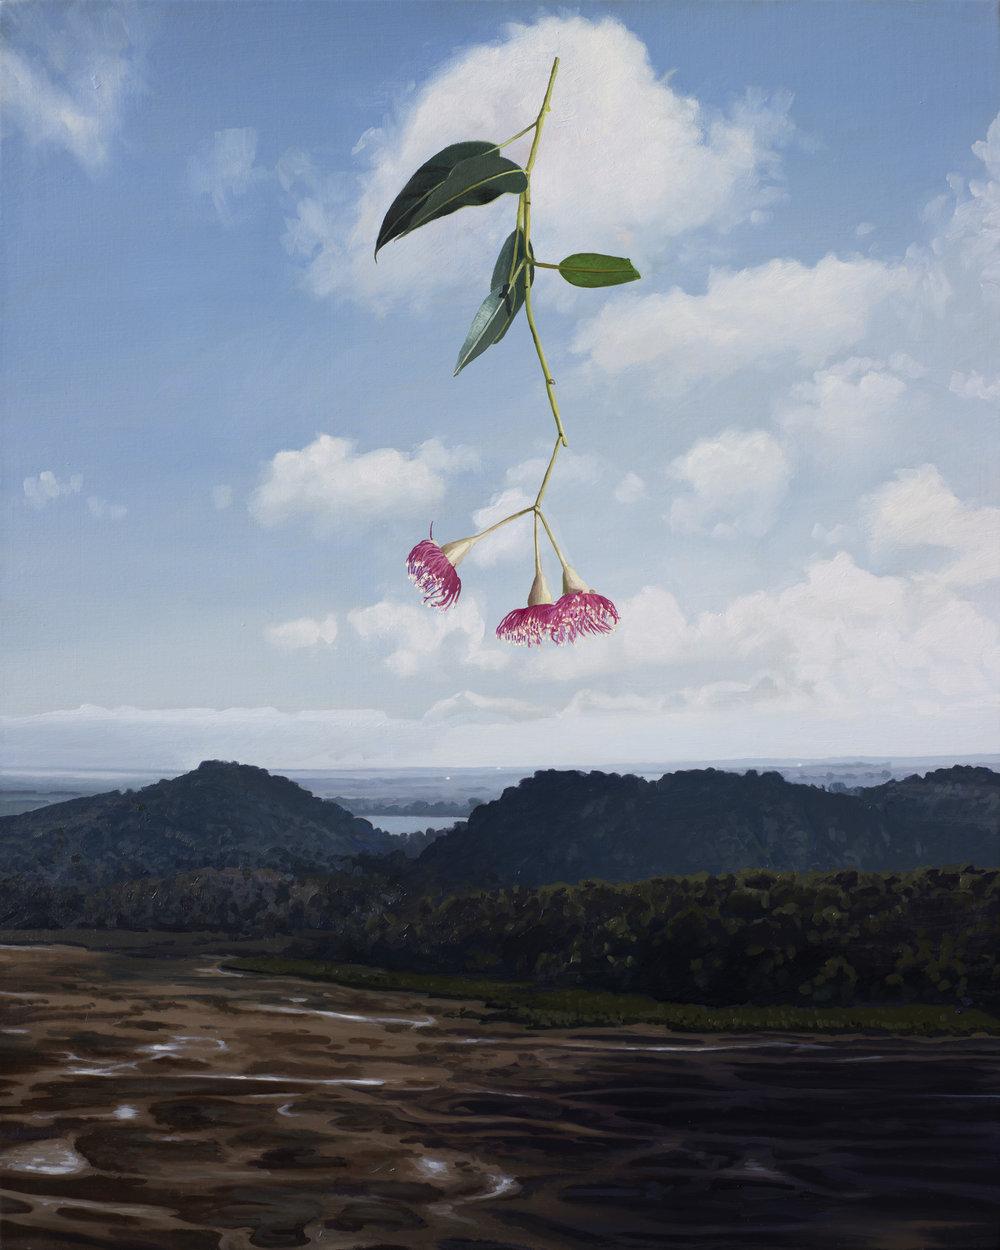 Drought in the Anthropocene : Corymbia Ficifolia